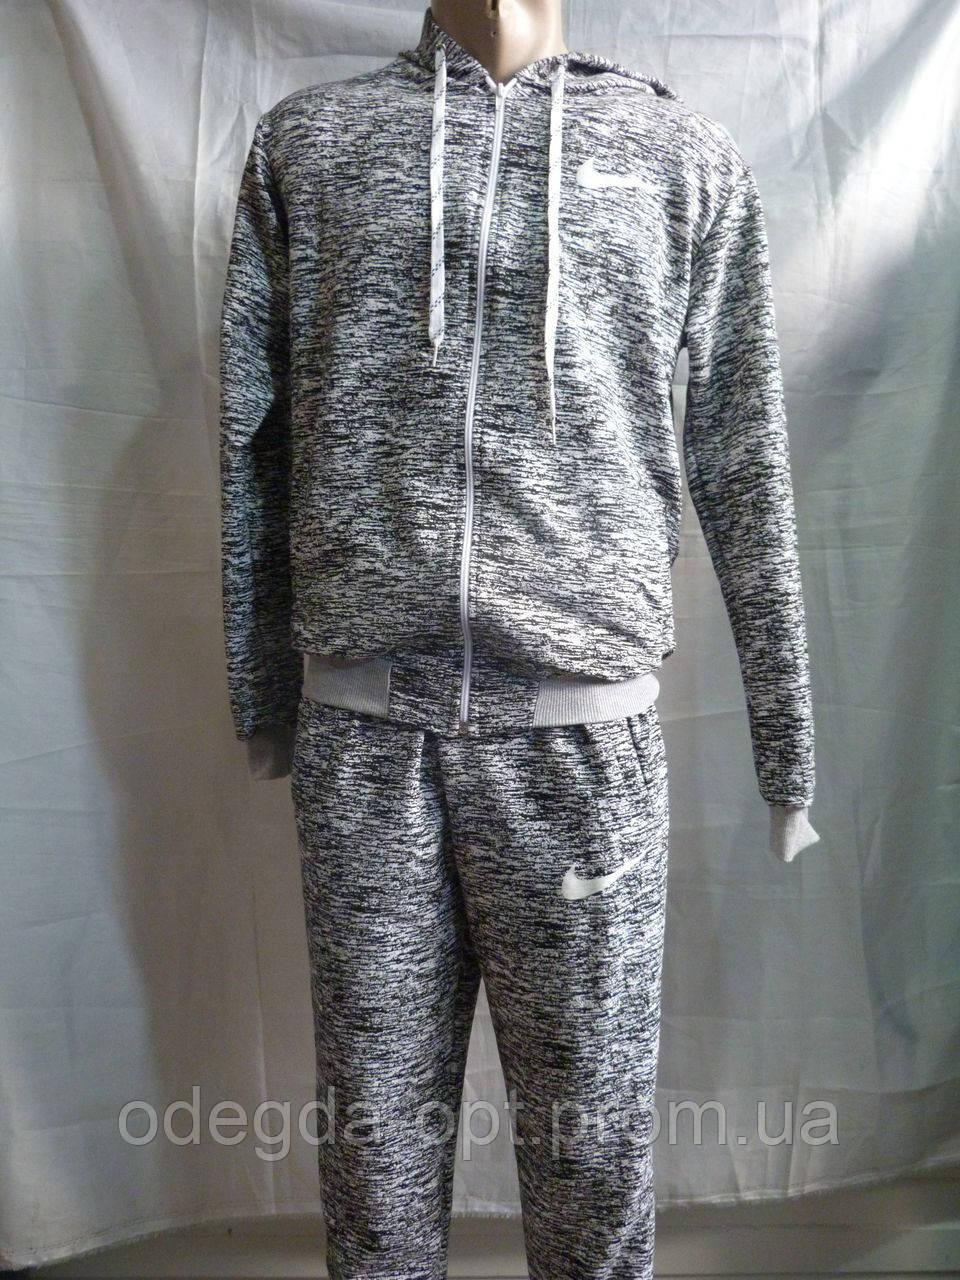 e019c8d1 Мужской спортивный костюм NIKE 48-54 купить оптом в Украине модные модели  7км